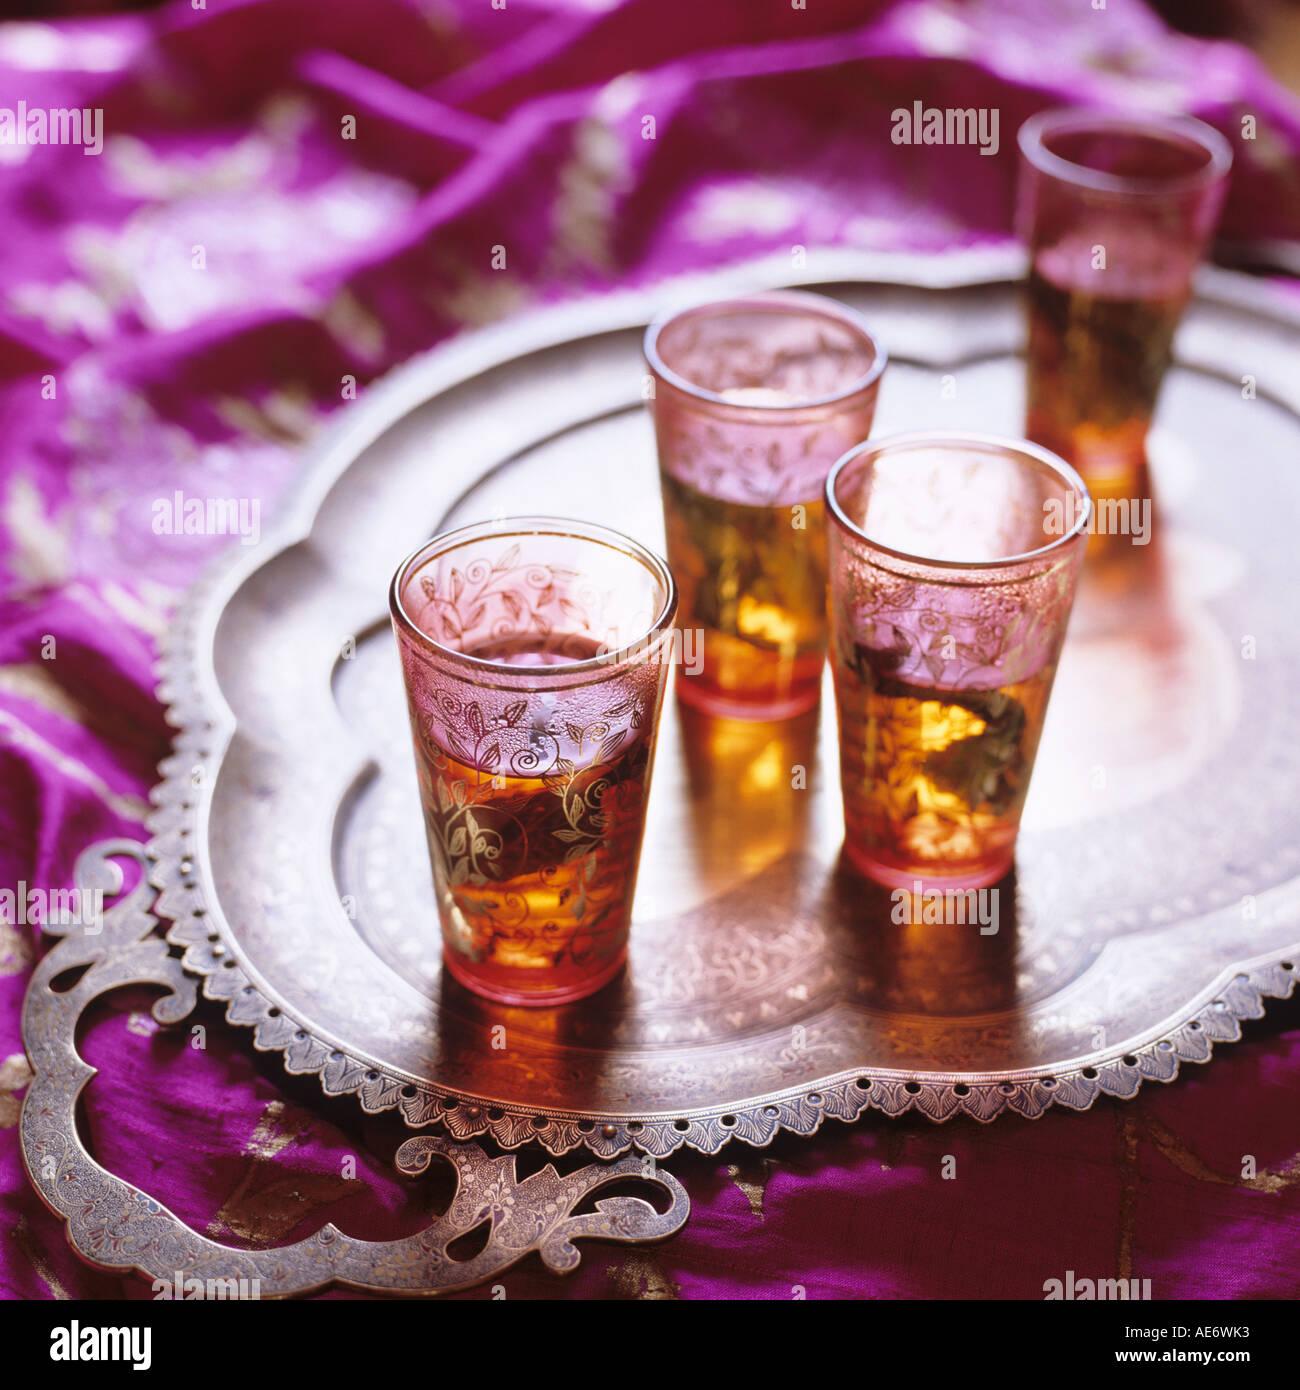 Medio Oriente vetri di piccole dimensioni con tè alla menta su un vassoio Immagini Stock